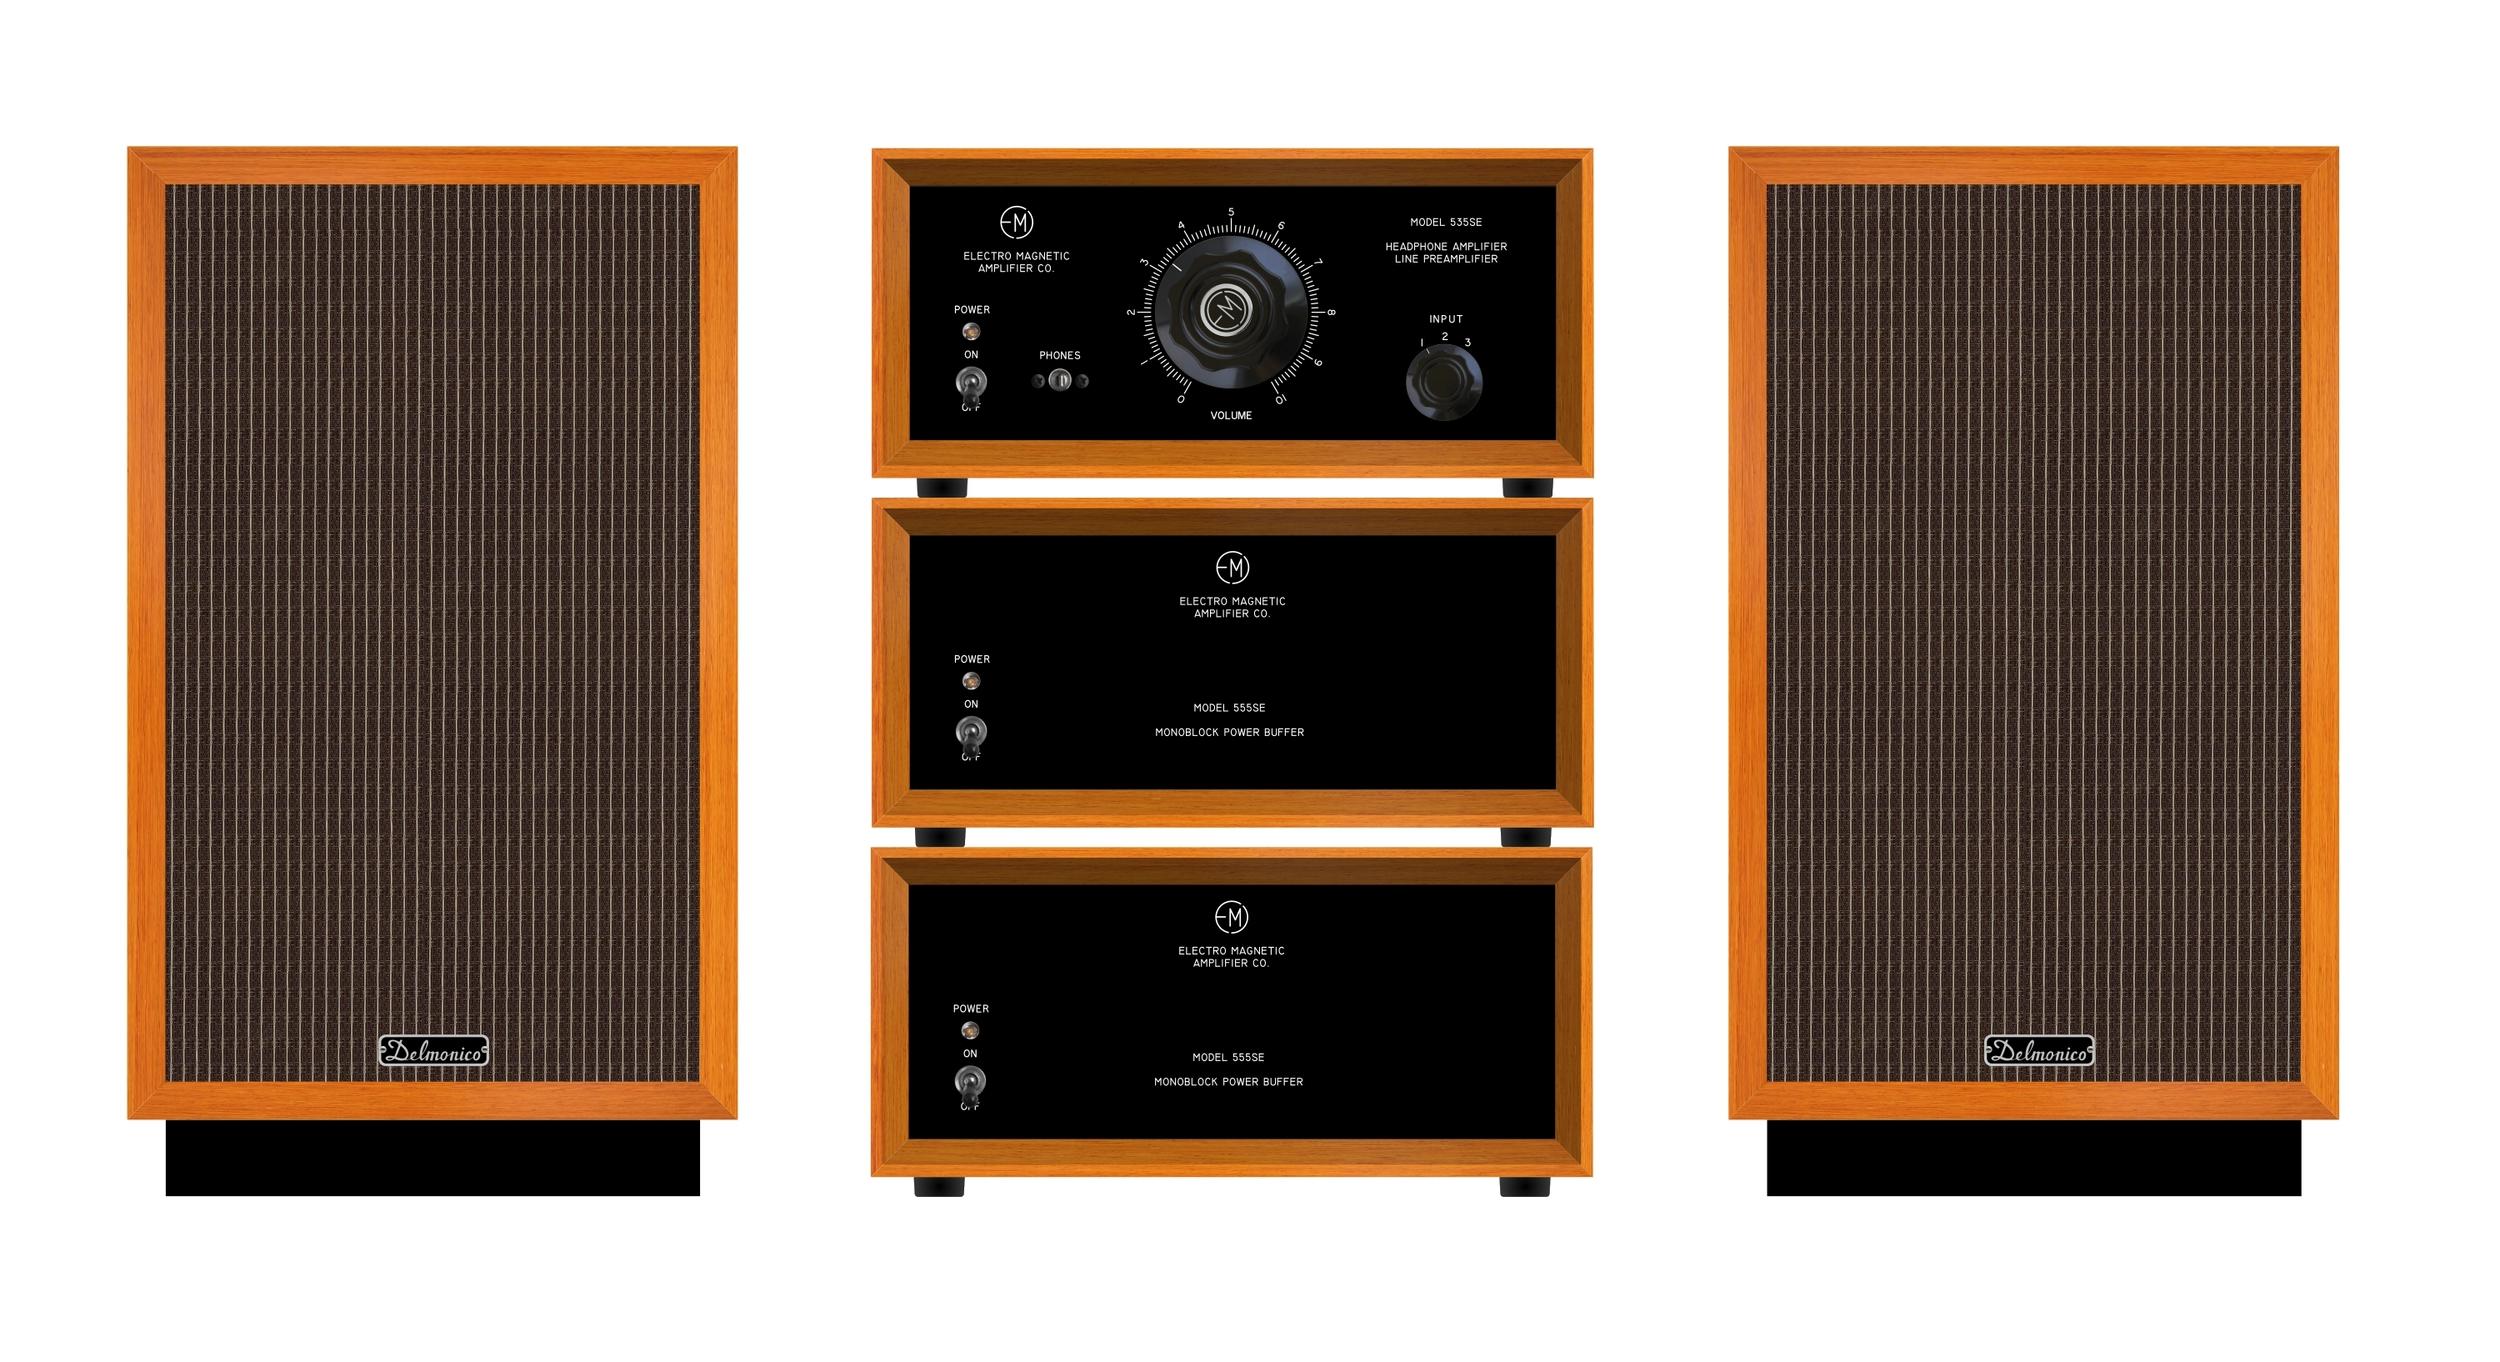 Headphone amplifier/preamplifier, power buffers, small loudspeakers